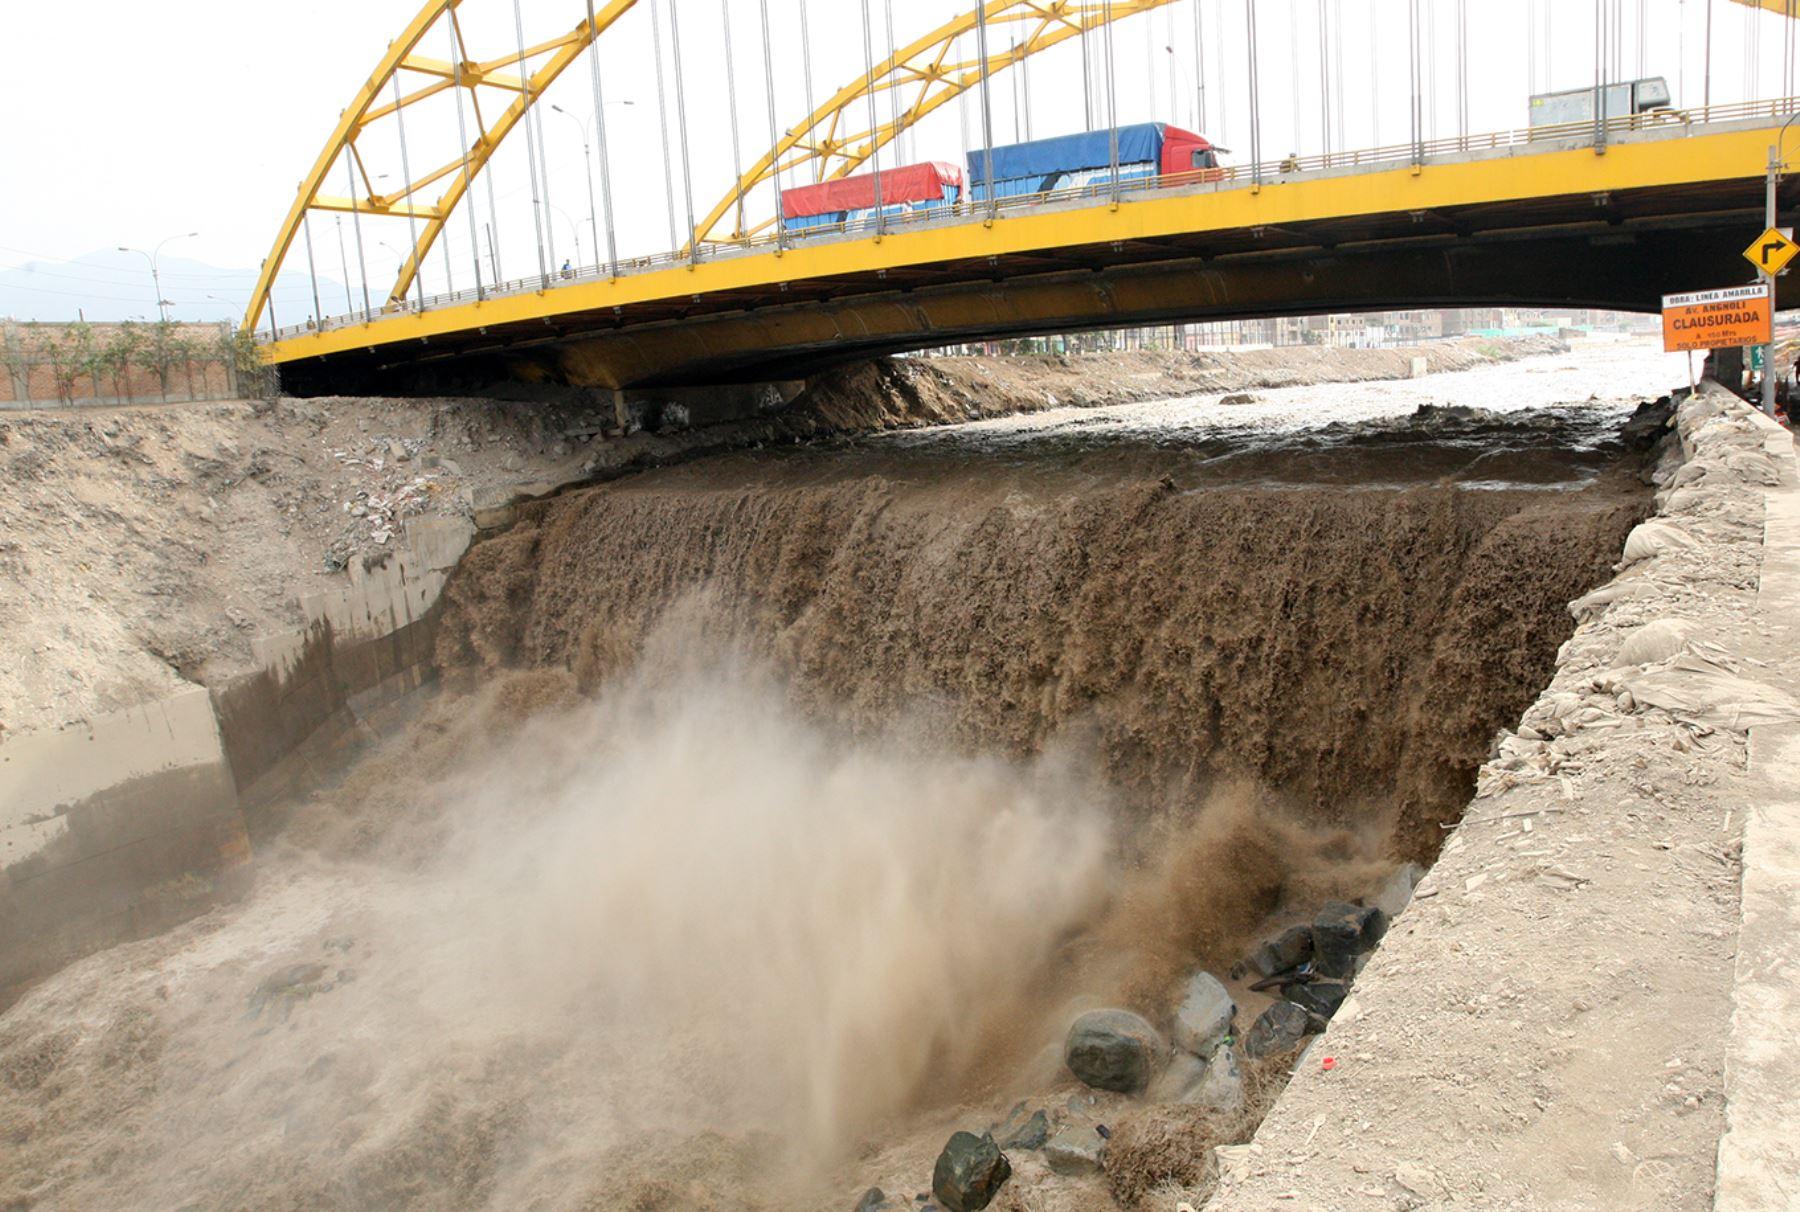 Peru: Heavy floods, landslides affect thousands of citizens